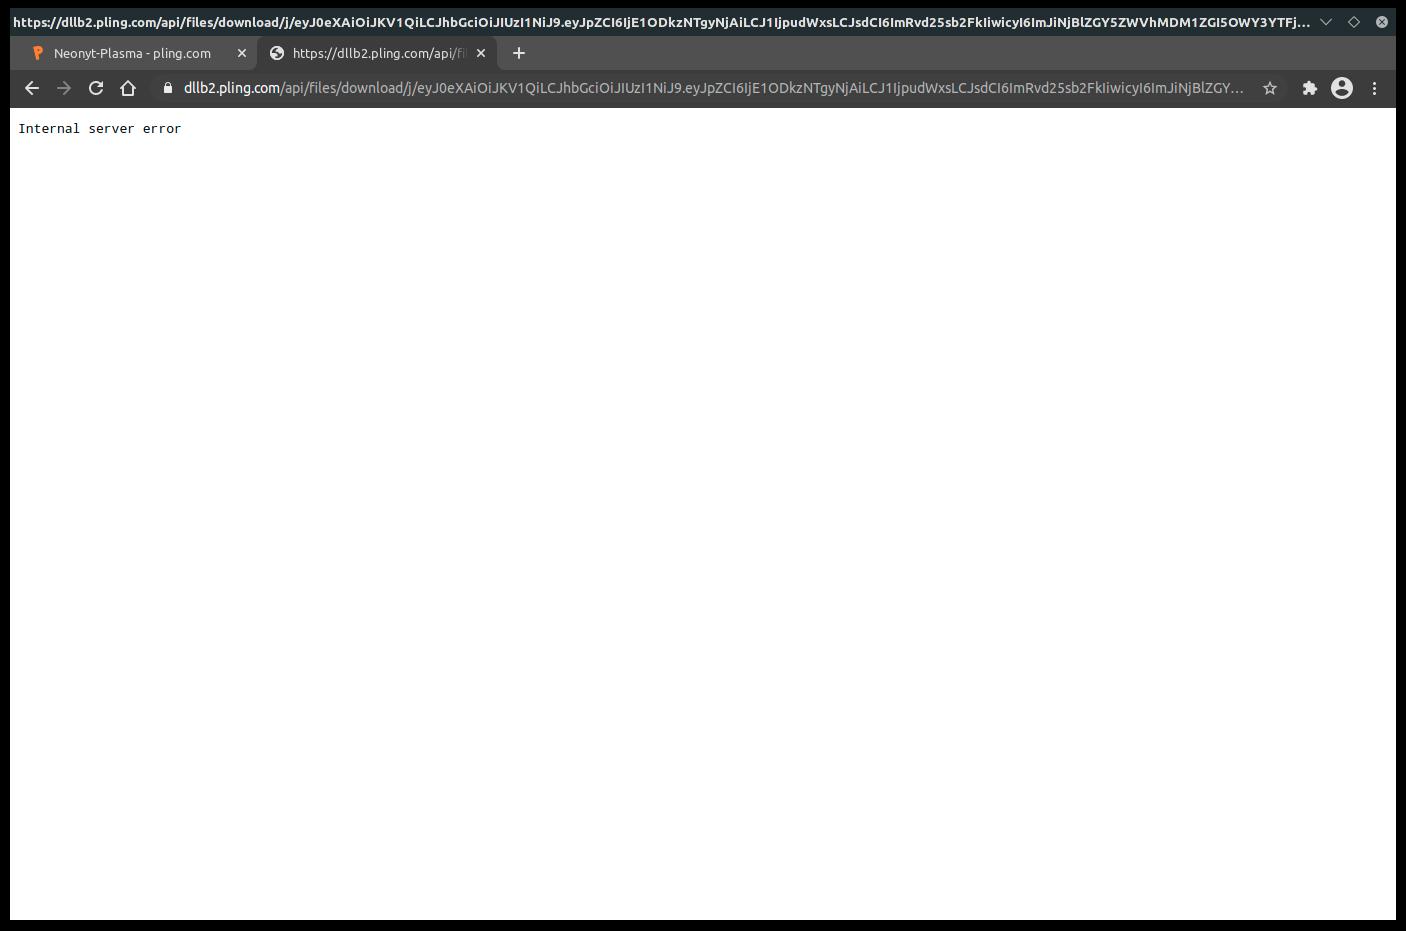 Screenshot%20from%202021-01-22%2019-57-11